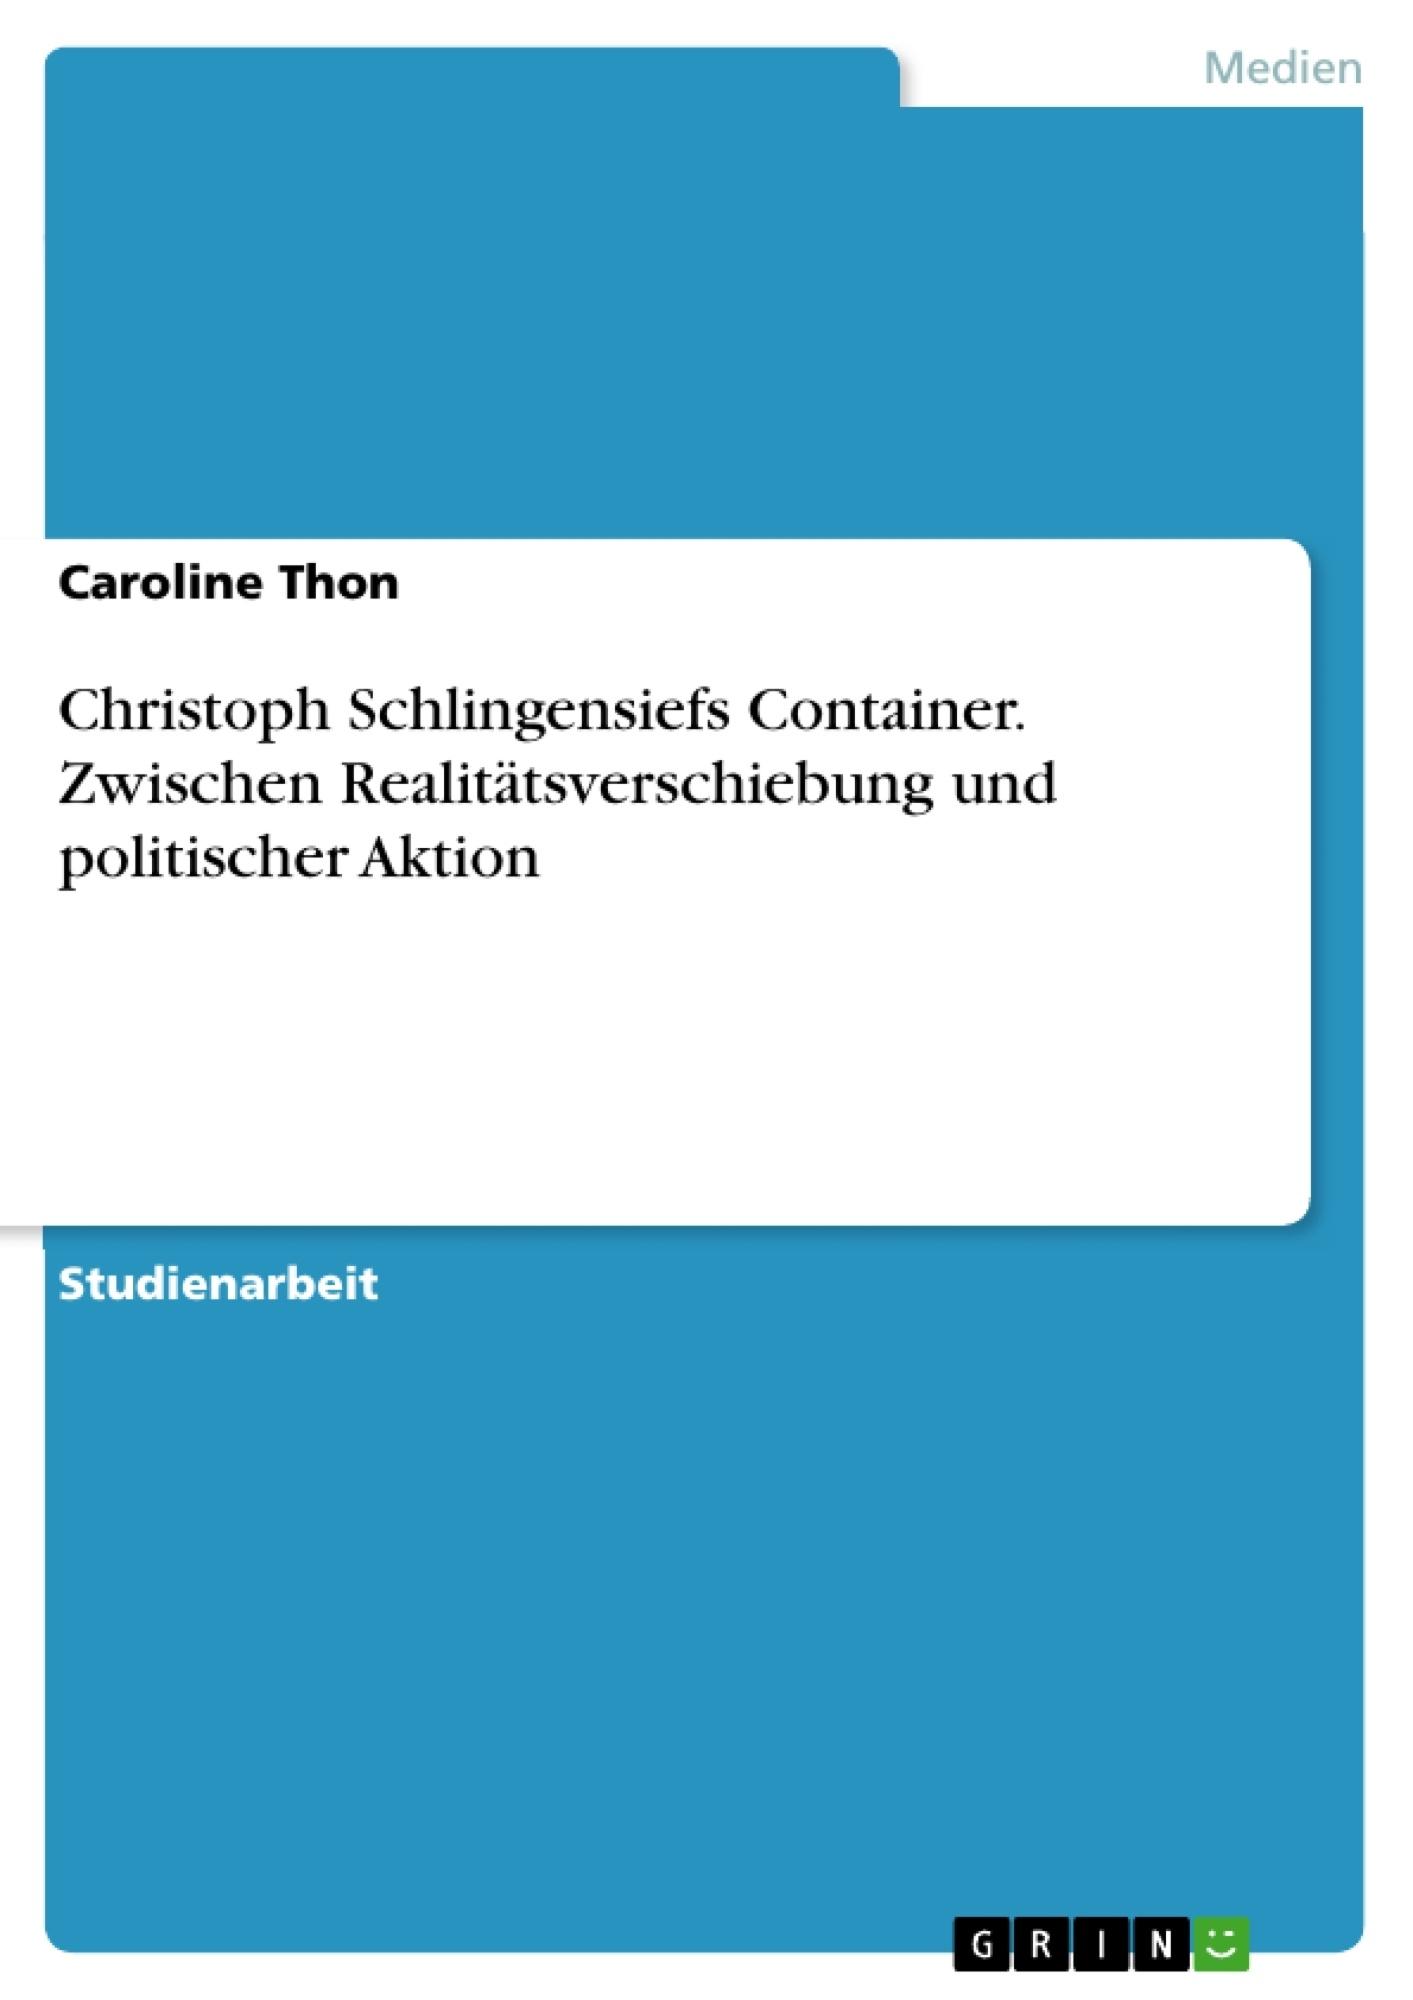 Titel: Christoph Schlingensiefs Container. Zwischen Realitätsverschiebung und politischer Aktion